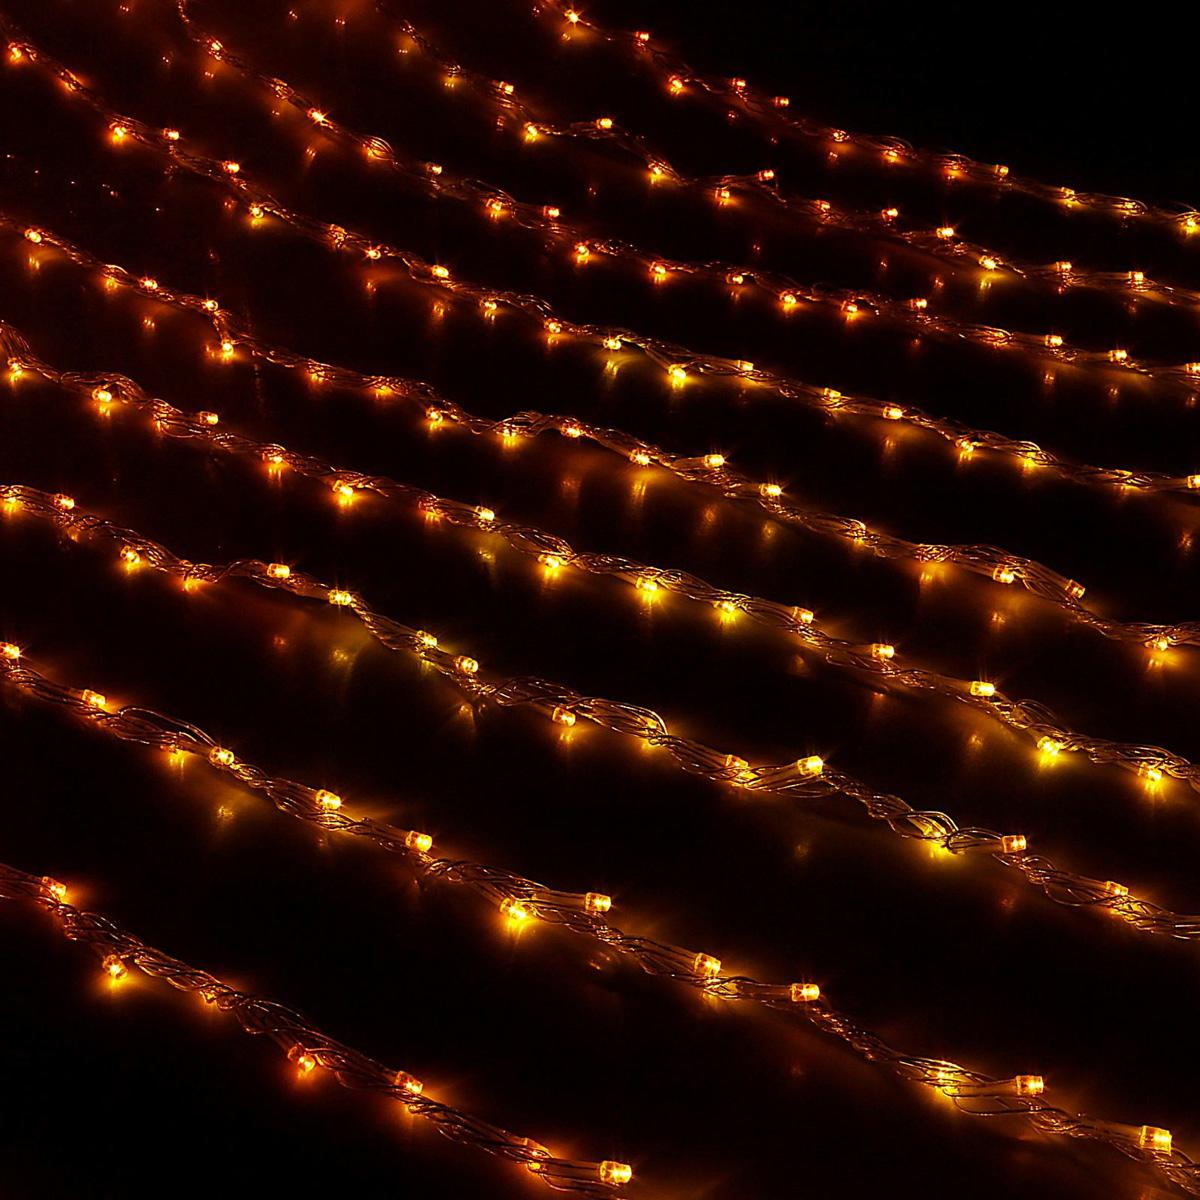 Гирлянда светодиодная Luazon Дождь, уличная, 800 ламп, 220 V, цвет: желтый, 2 х 3 м. 187319187319Светодиодные гирлянды, ленты и т.д — это отличный вариант для новогоднего оформления интерьера или фасада. С их помощью помещение любого размера можно превратить в праздничный зал, а внешние элементы зданий, украшенные ими, мгновенно станут напоминать очертания сказочного дворца. Такие украшения создают ауру предвкушения чуда. Деревья, фасады, витрины, окна и арки будто специально созданы, чтобы вы украсили их светящимися нитями.